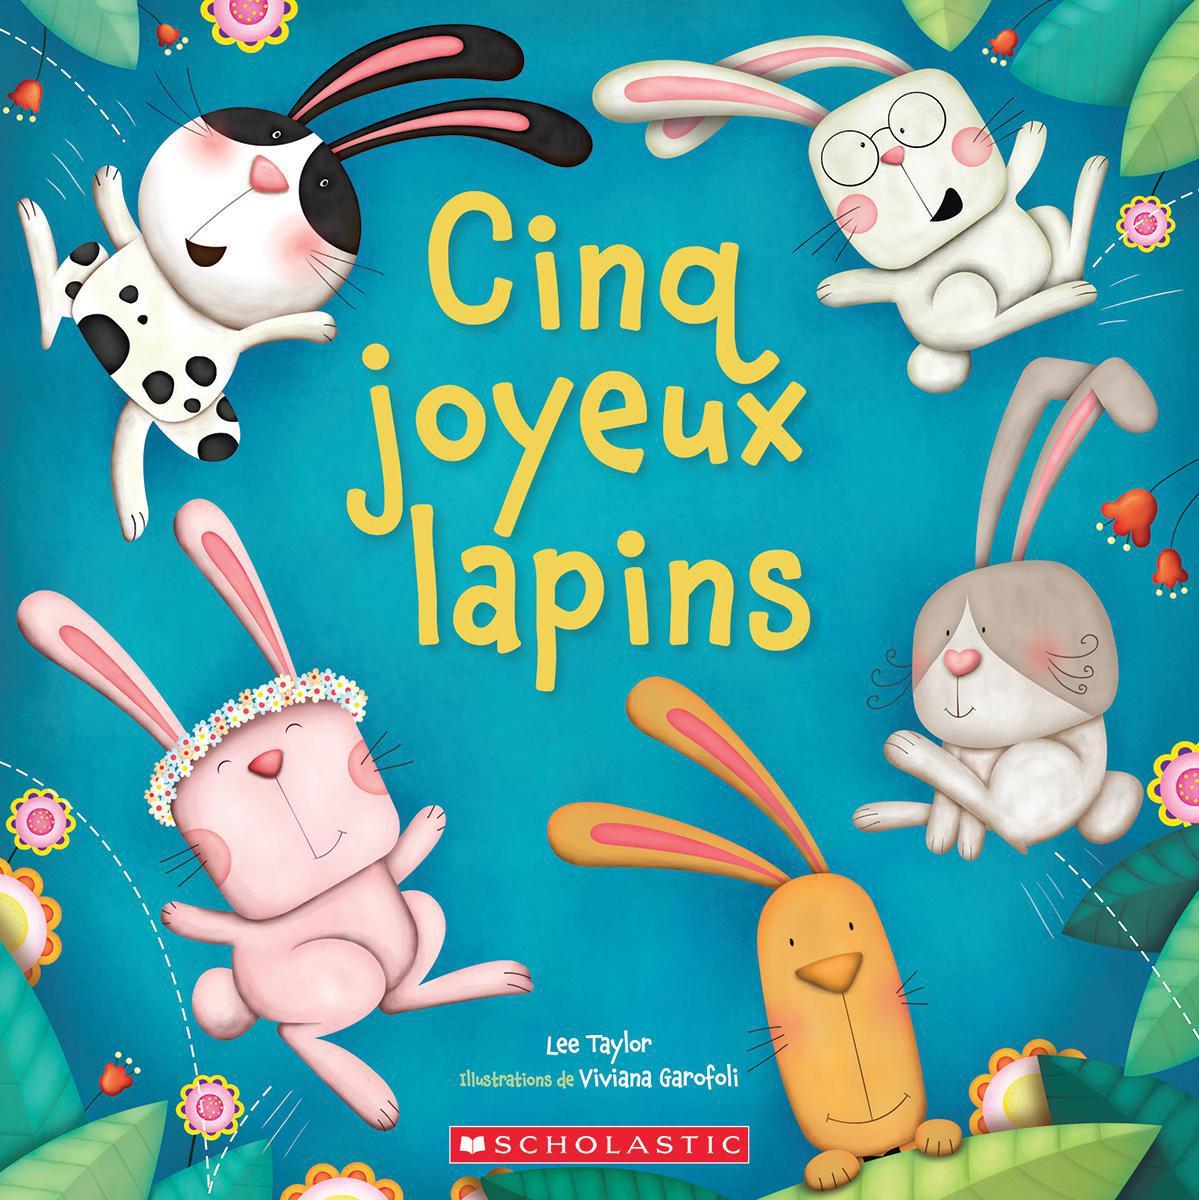 Cinq joyeux lapins